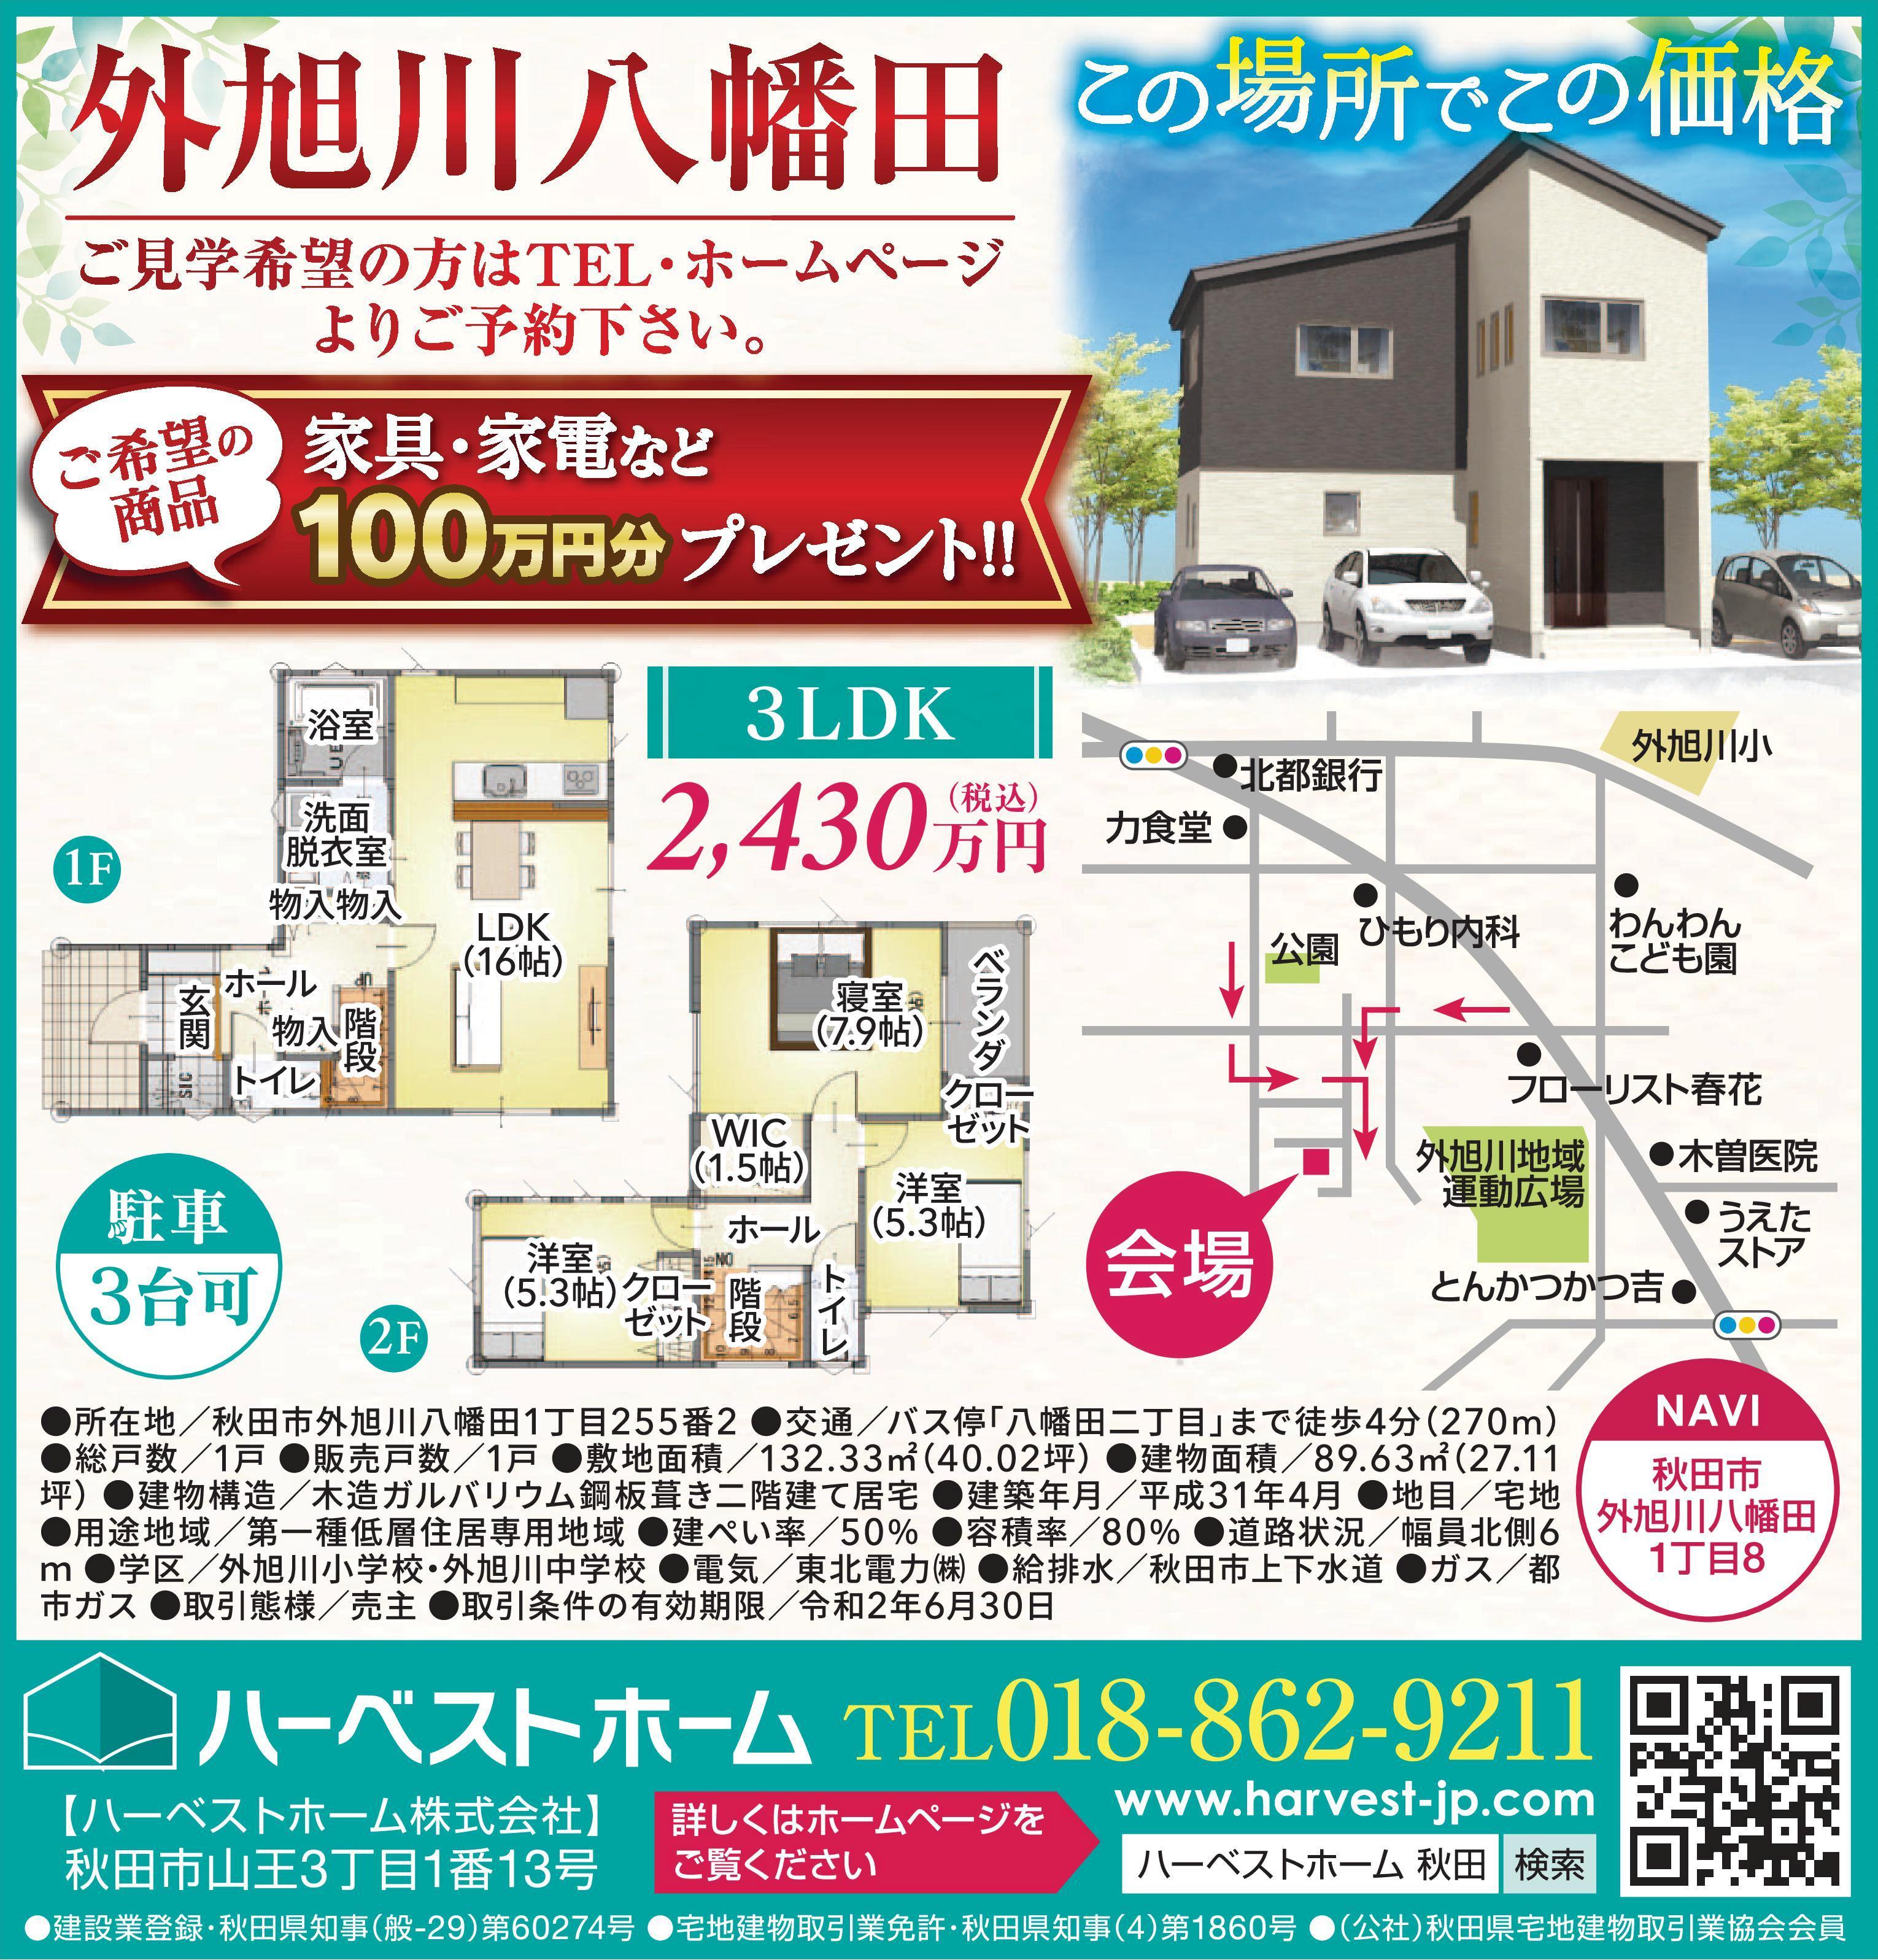 建売住宅「外旭川八幡田」 キャンペーン販売会